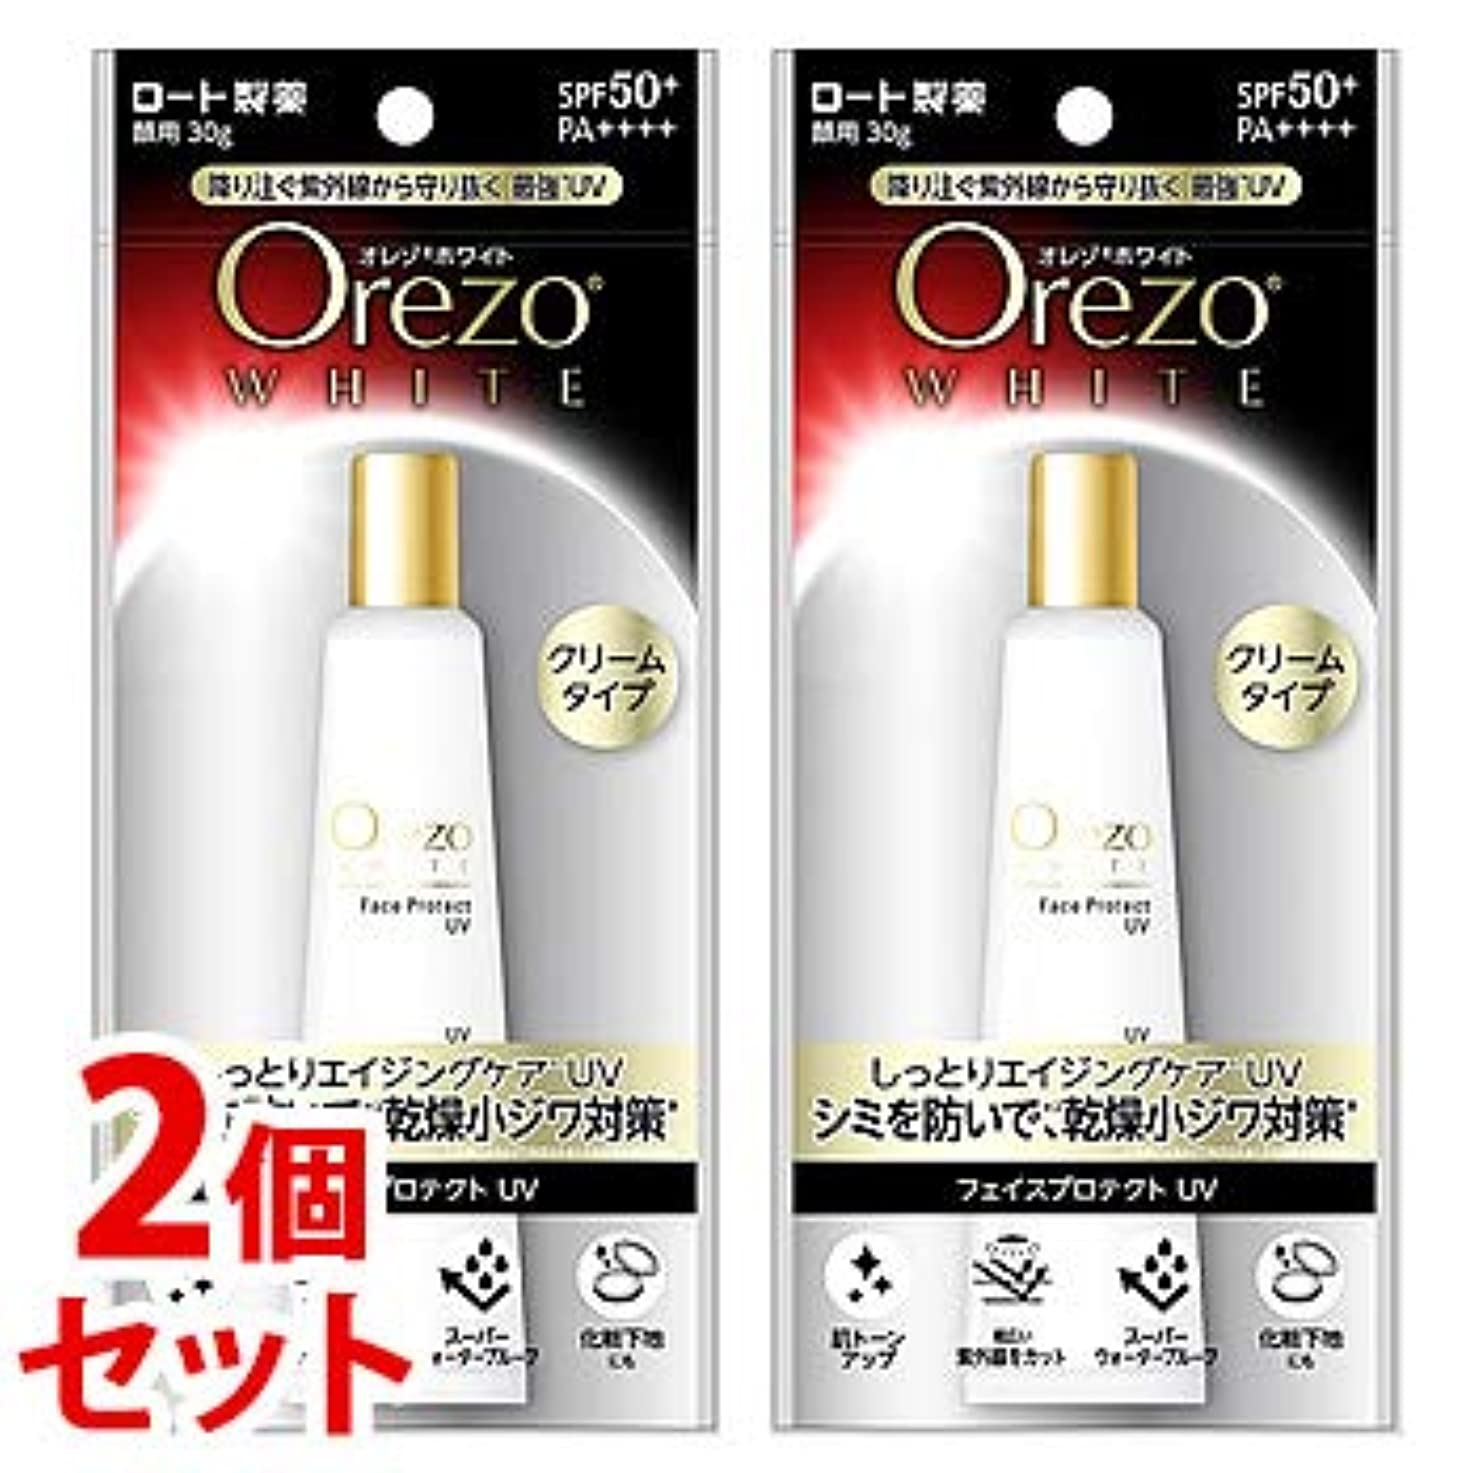 荒野欲しいです刈る《セット販売》 ロート製薬 Orezo オレゾ ホワイト フェイスプロテクトUV SPF50+ PA++++ (30g)×2個セット 顔用 日やけ止め 化粧下地 クリームタイプ